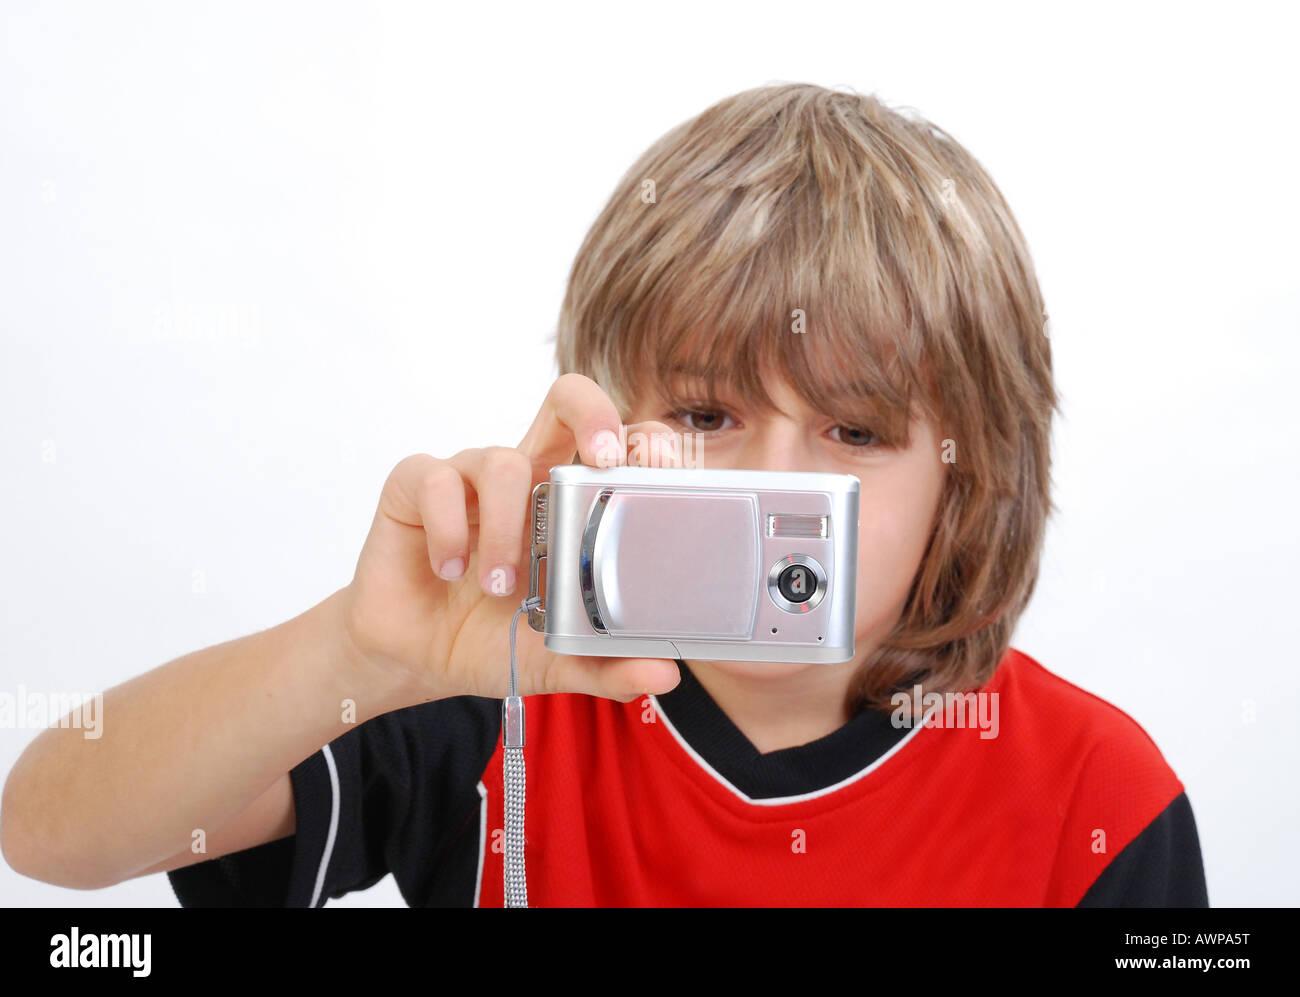 bente Bild Bilder Digicam digitale Kamera Digitalkamera Foto Foto machen Fotoapparat Fotografie Fotografien fotografieren - Stock Image